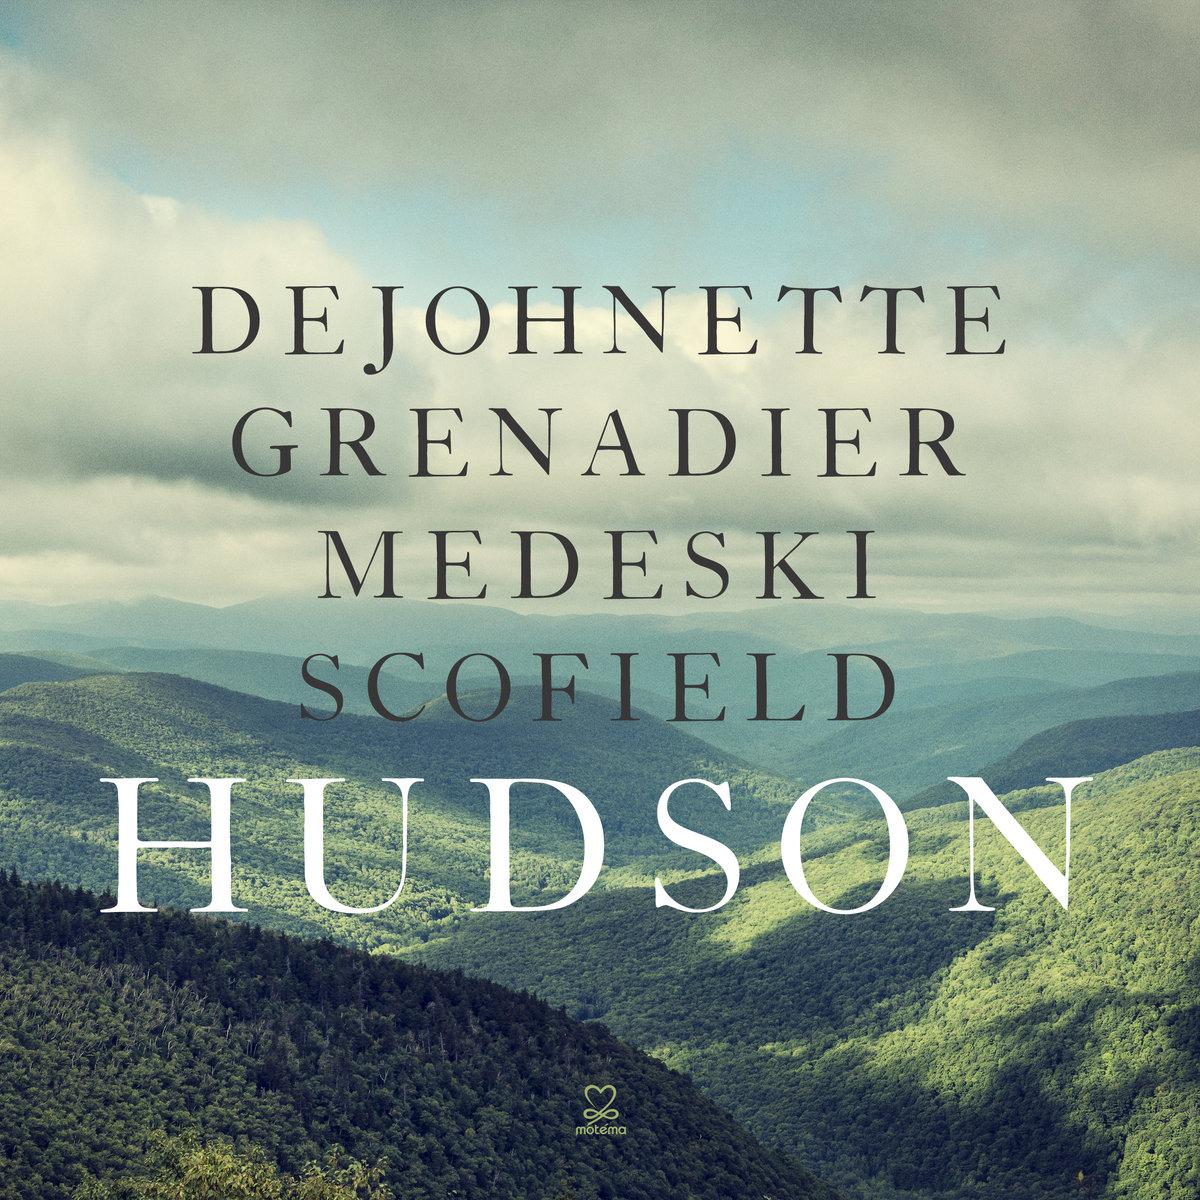 Dejohnette etc - Hudson